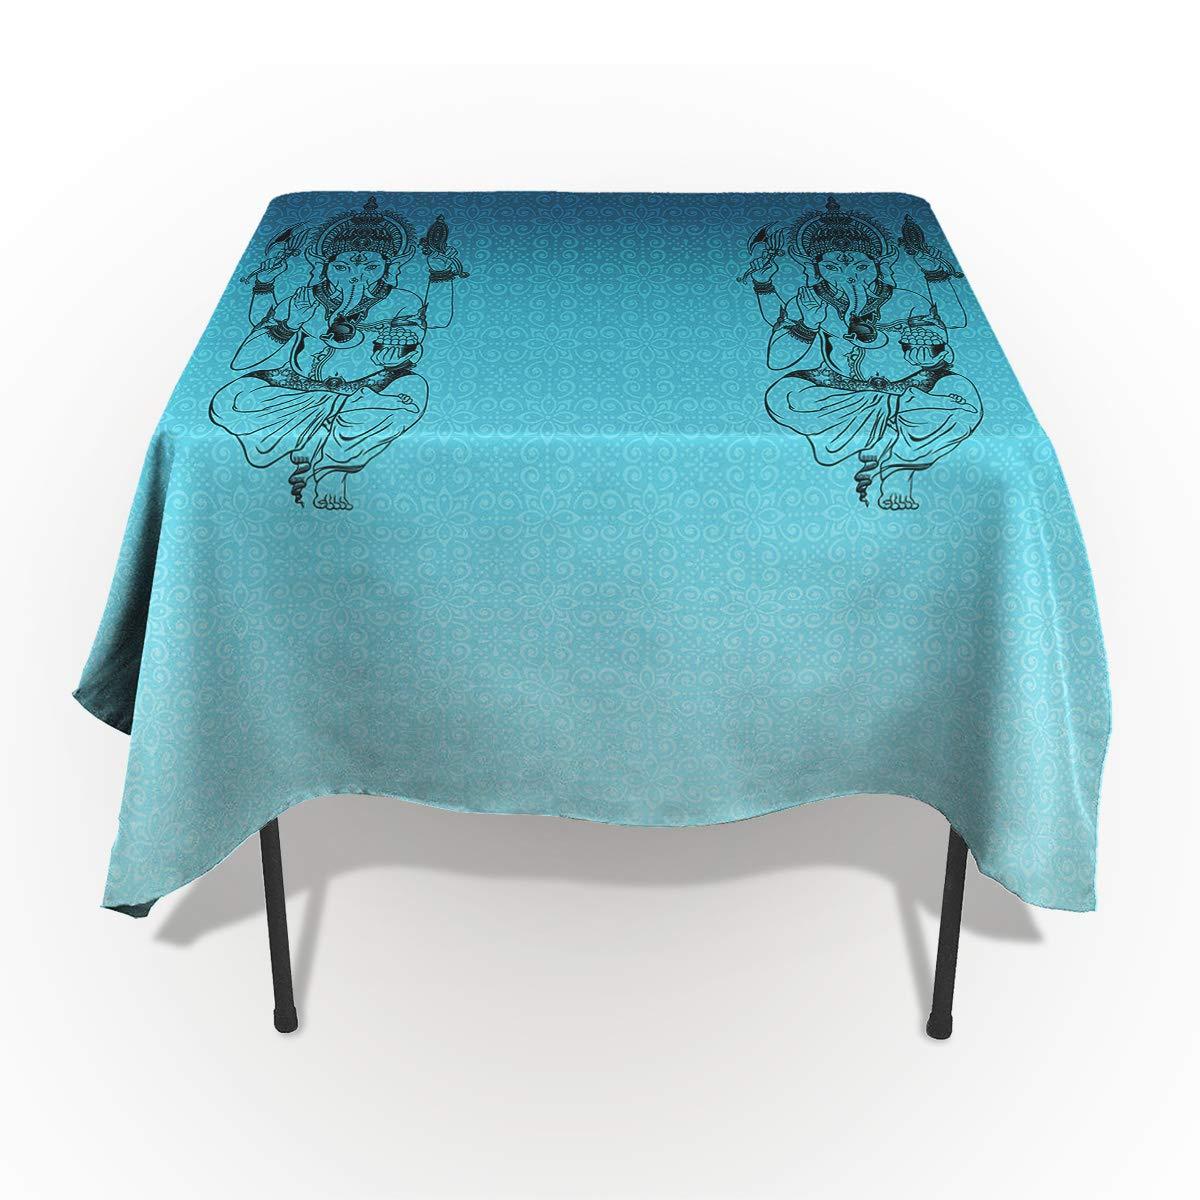 コットンリネンテーブルクロス トロピカルフラワープラント 洗濯可能な生地 長方形テーブルカバー ディナー/キッチン/ウェディングパーティー/テーブル装飾用 60x90in CXL190122-SLXM00487ZBAJITH 60x90in カラー-8 B07N62PXXQ